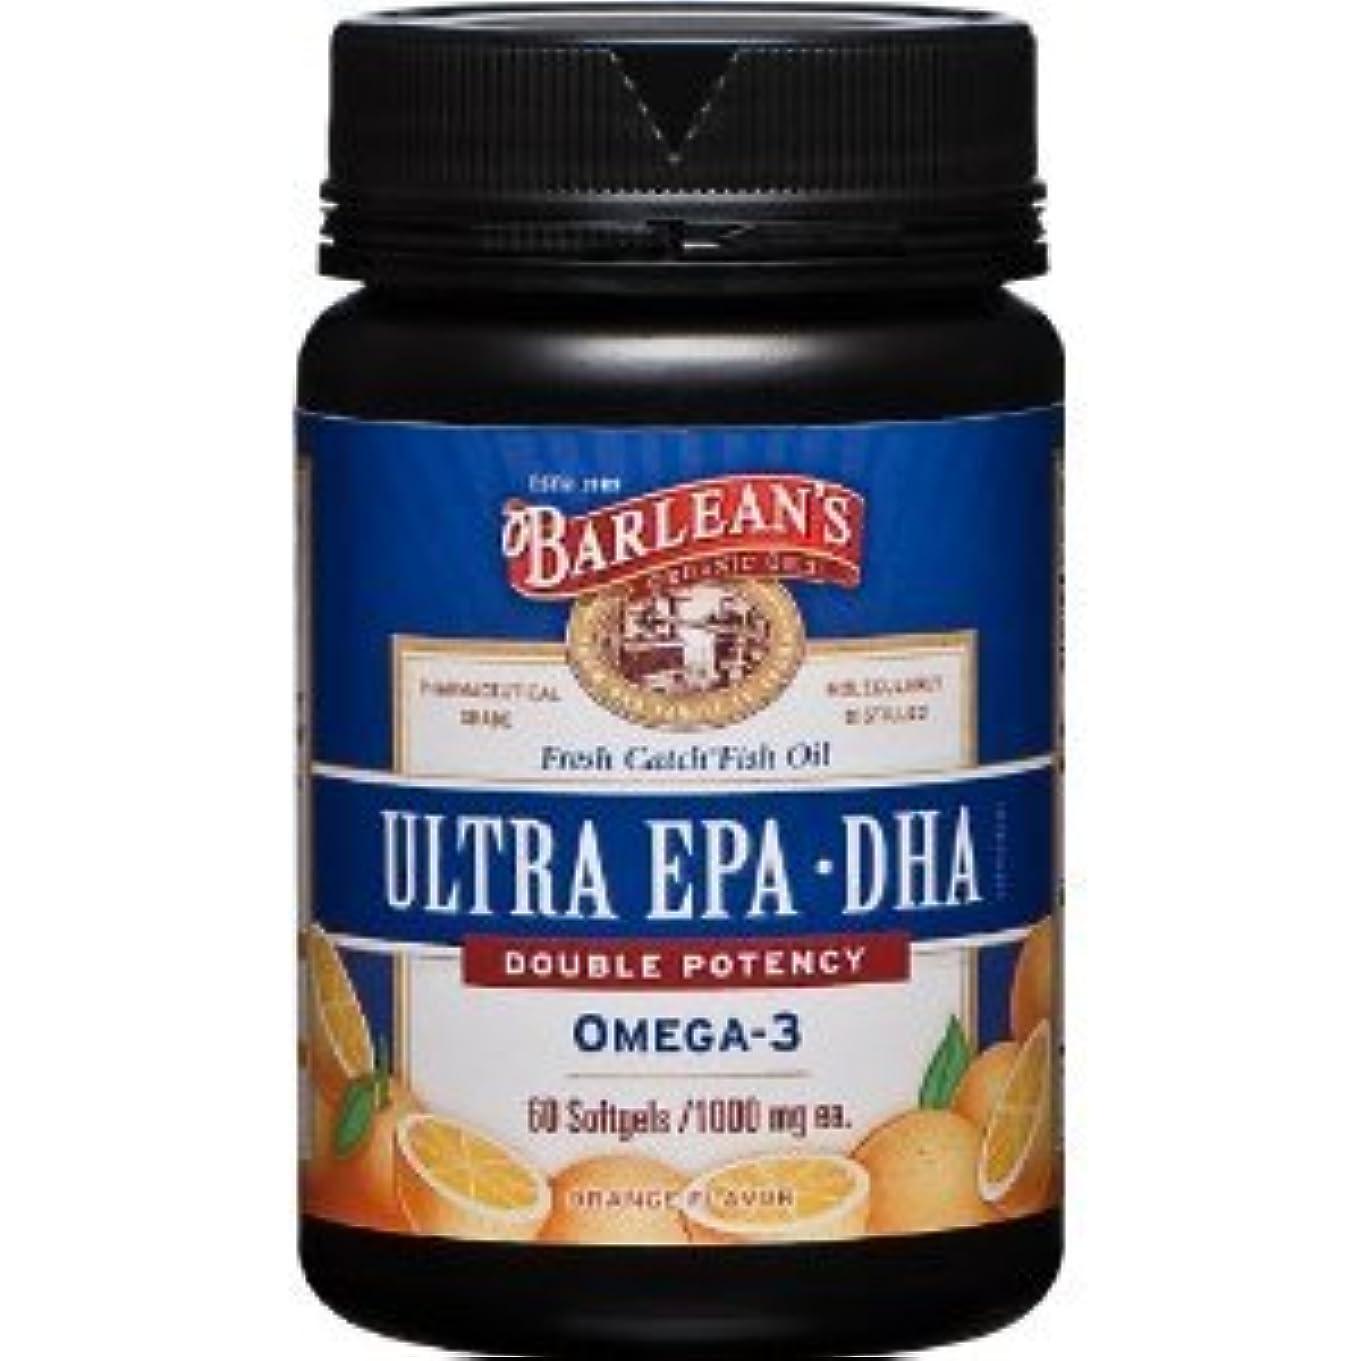 羽腐食する事前高濃度 (1000mg)  EPA DHA (オレンジフレーバー)-  60 Softgels (海外直送品)